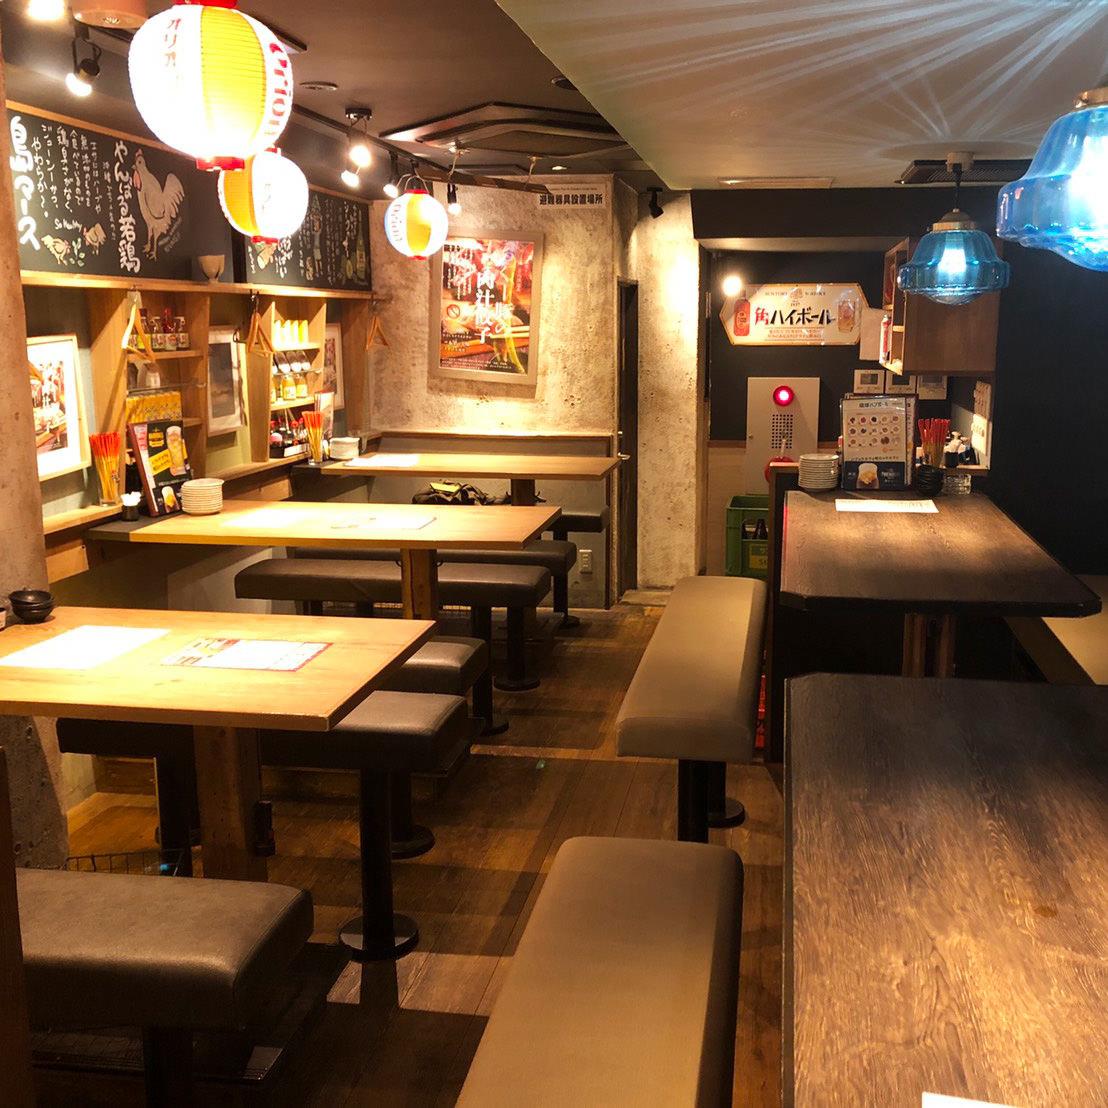 カリカリ熱々肉汁餃子 うりずん 大曽根店の沖縄料理がたっぷり楽しめるコース